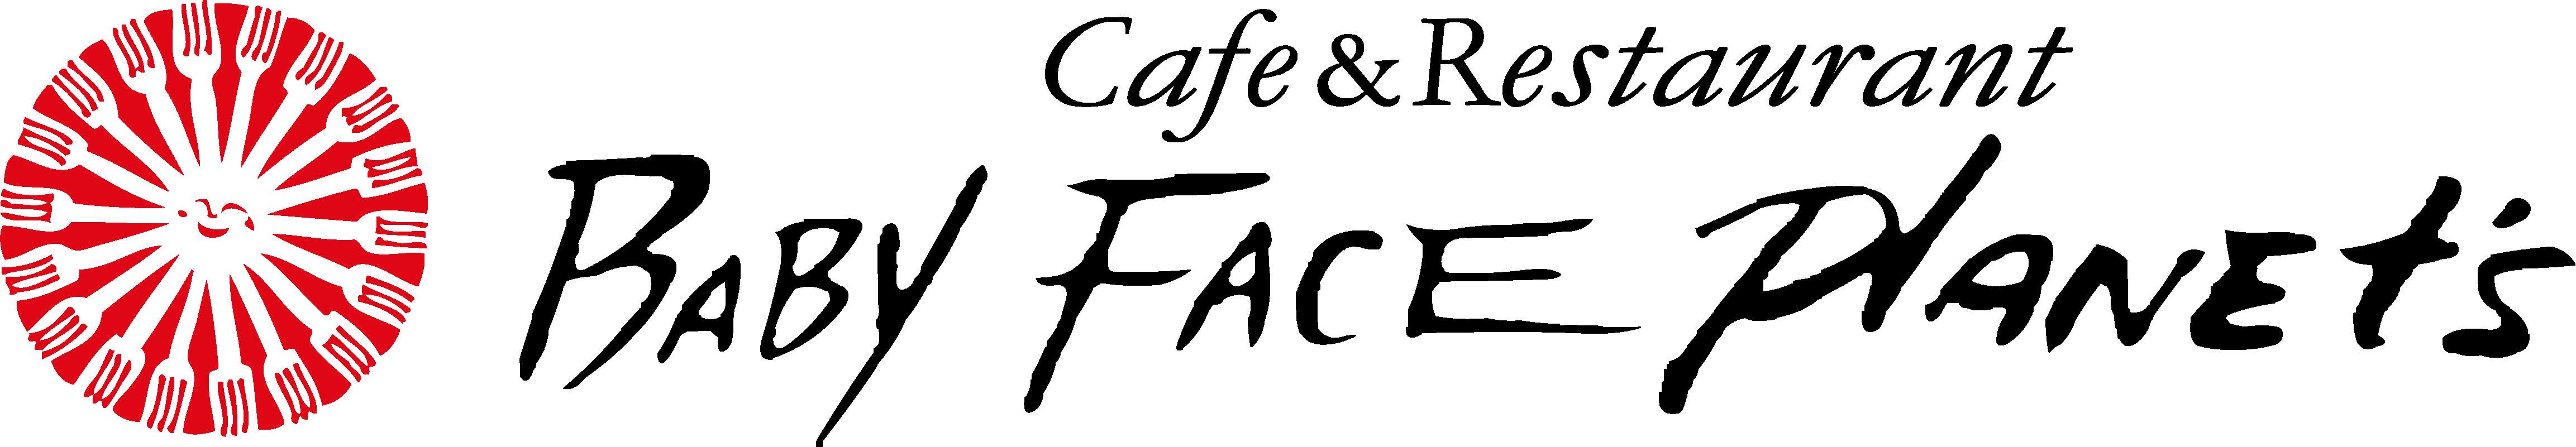 ベビーフェイスプラネッツロゴ